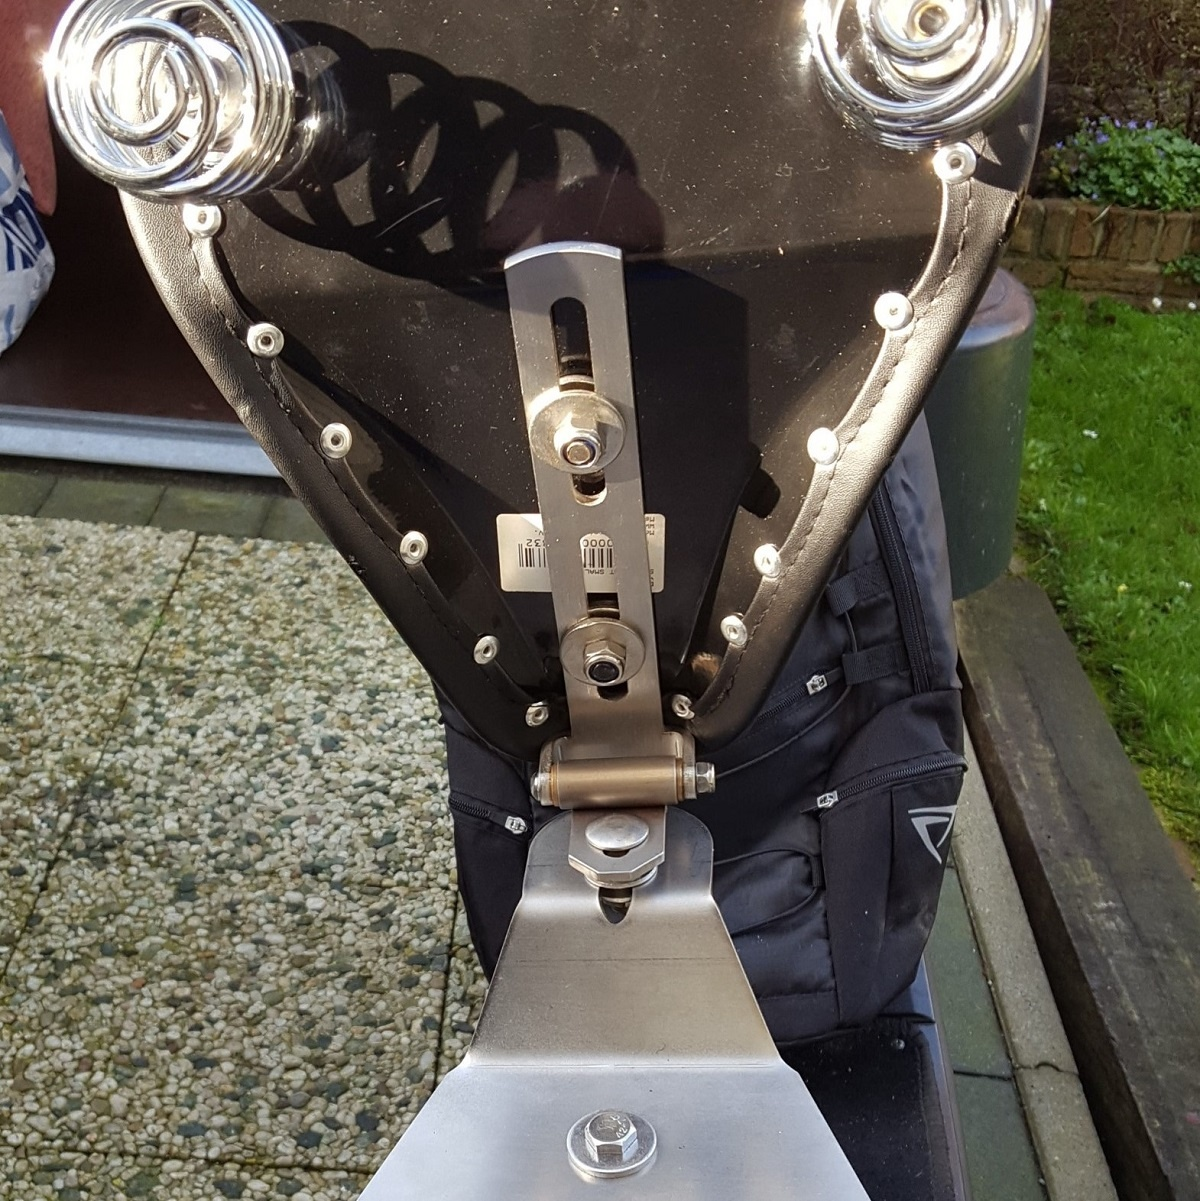 Motor Zadel Scharnier voor solo motorfiets zadel - gemaakt van RVS